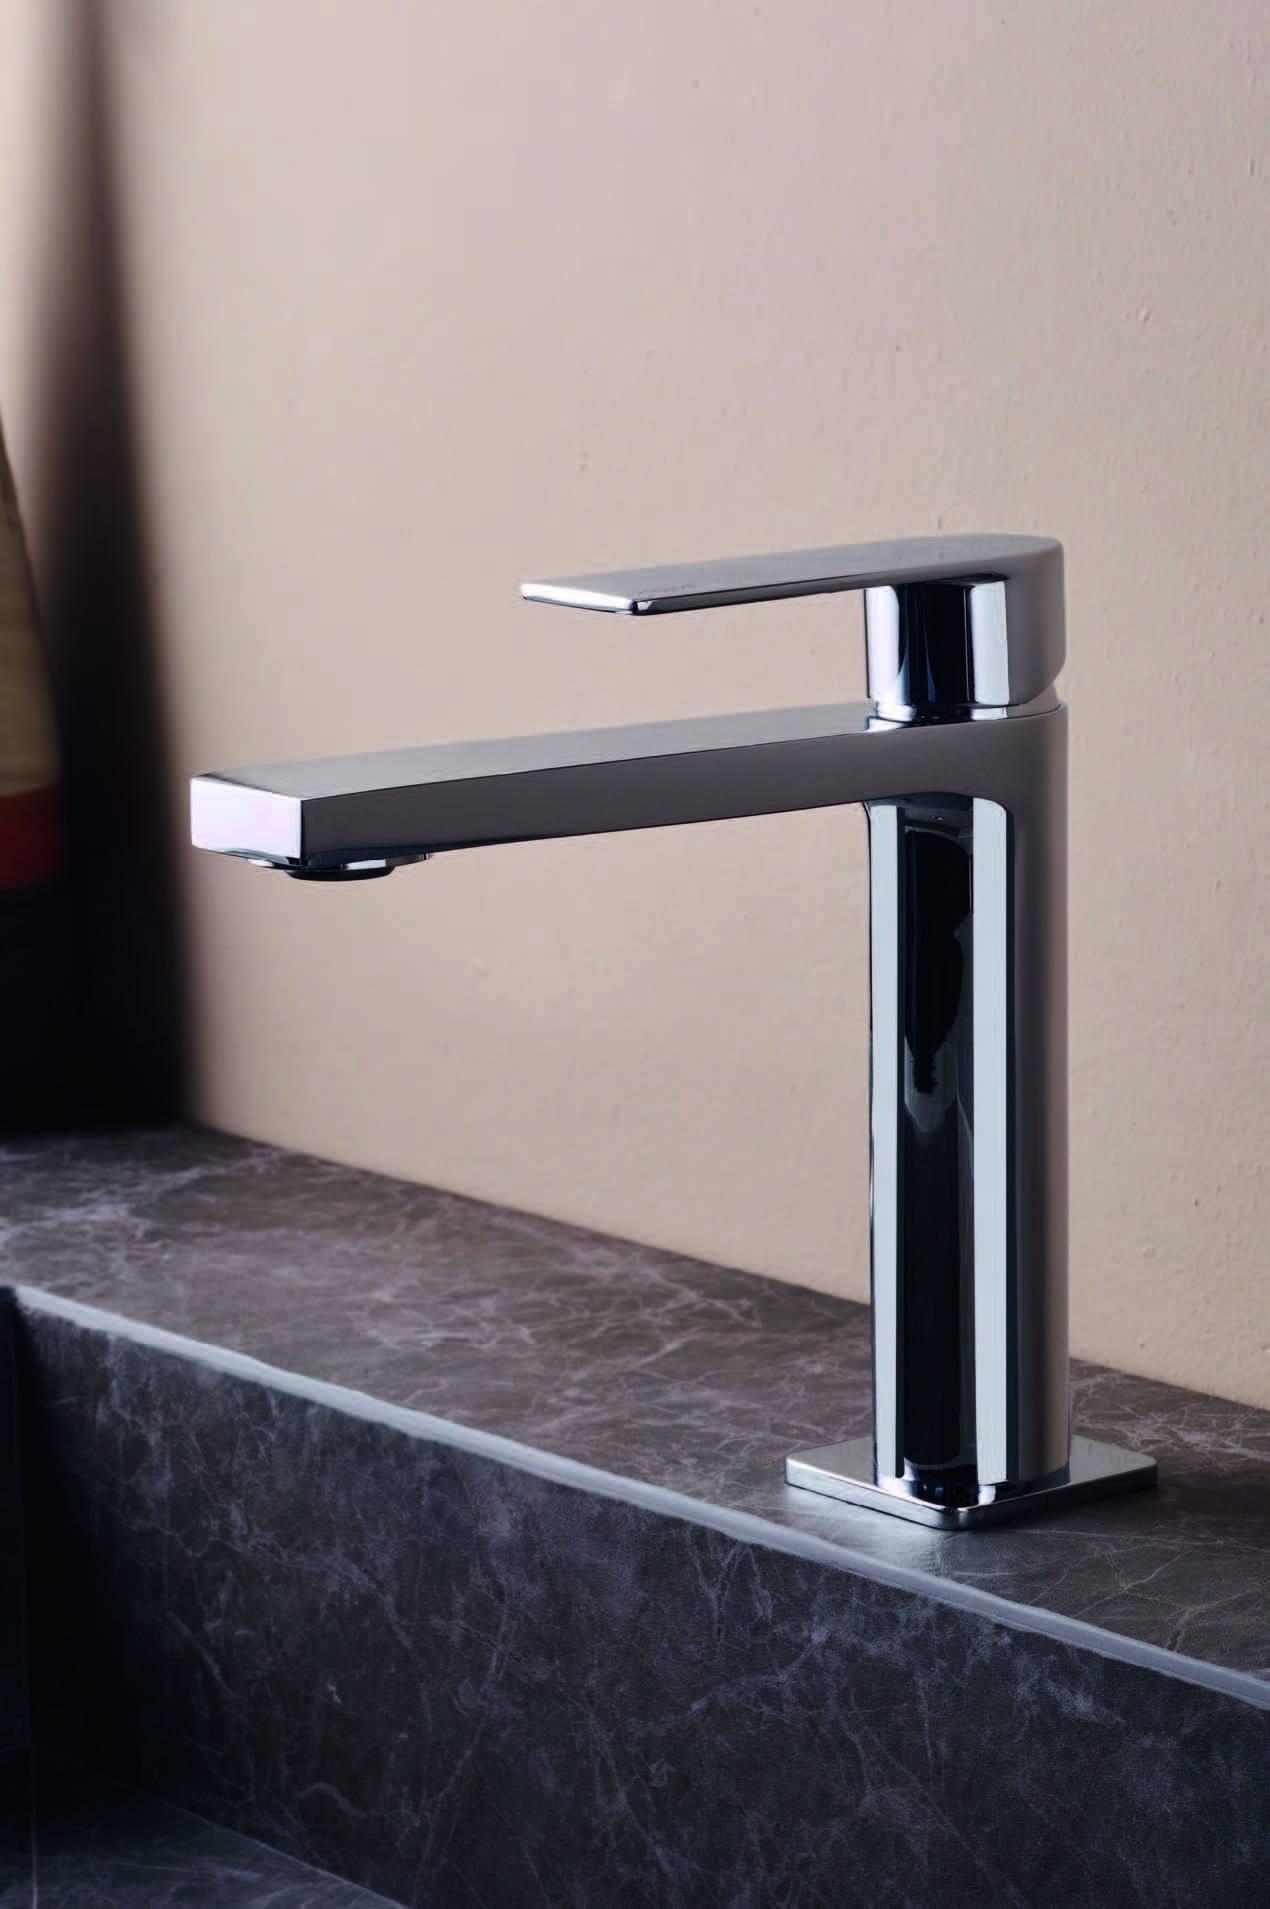 VÒI CHẬU NÓNG LẠNH PAFFONI TA071CR3 (Vòi lavabo model: TA071CR3 )